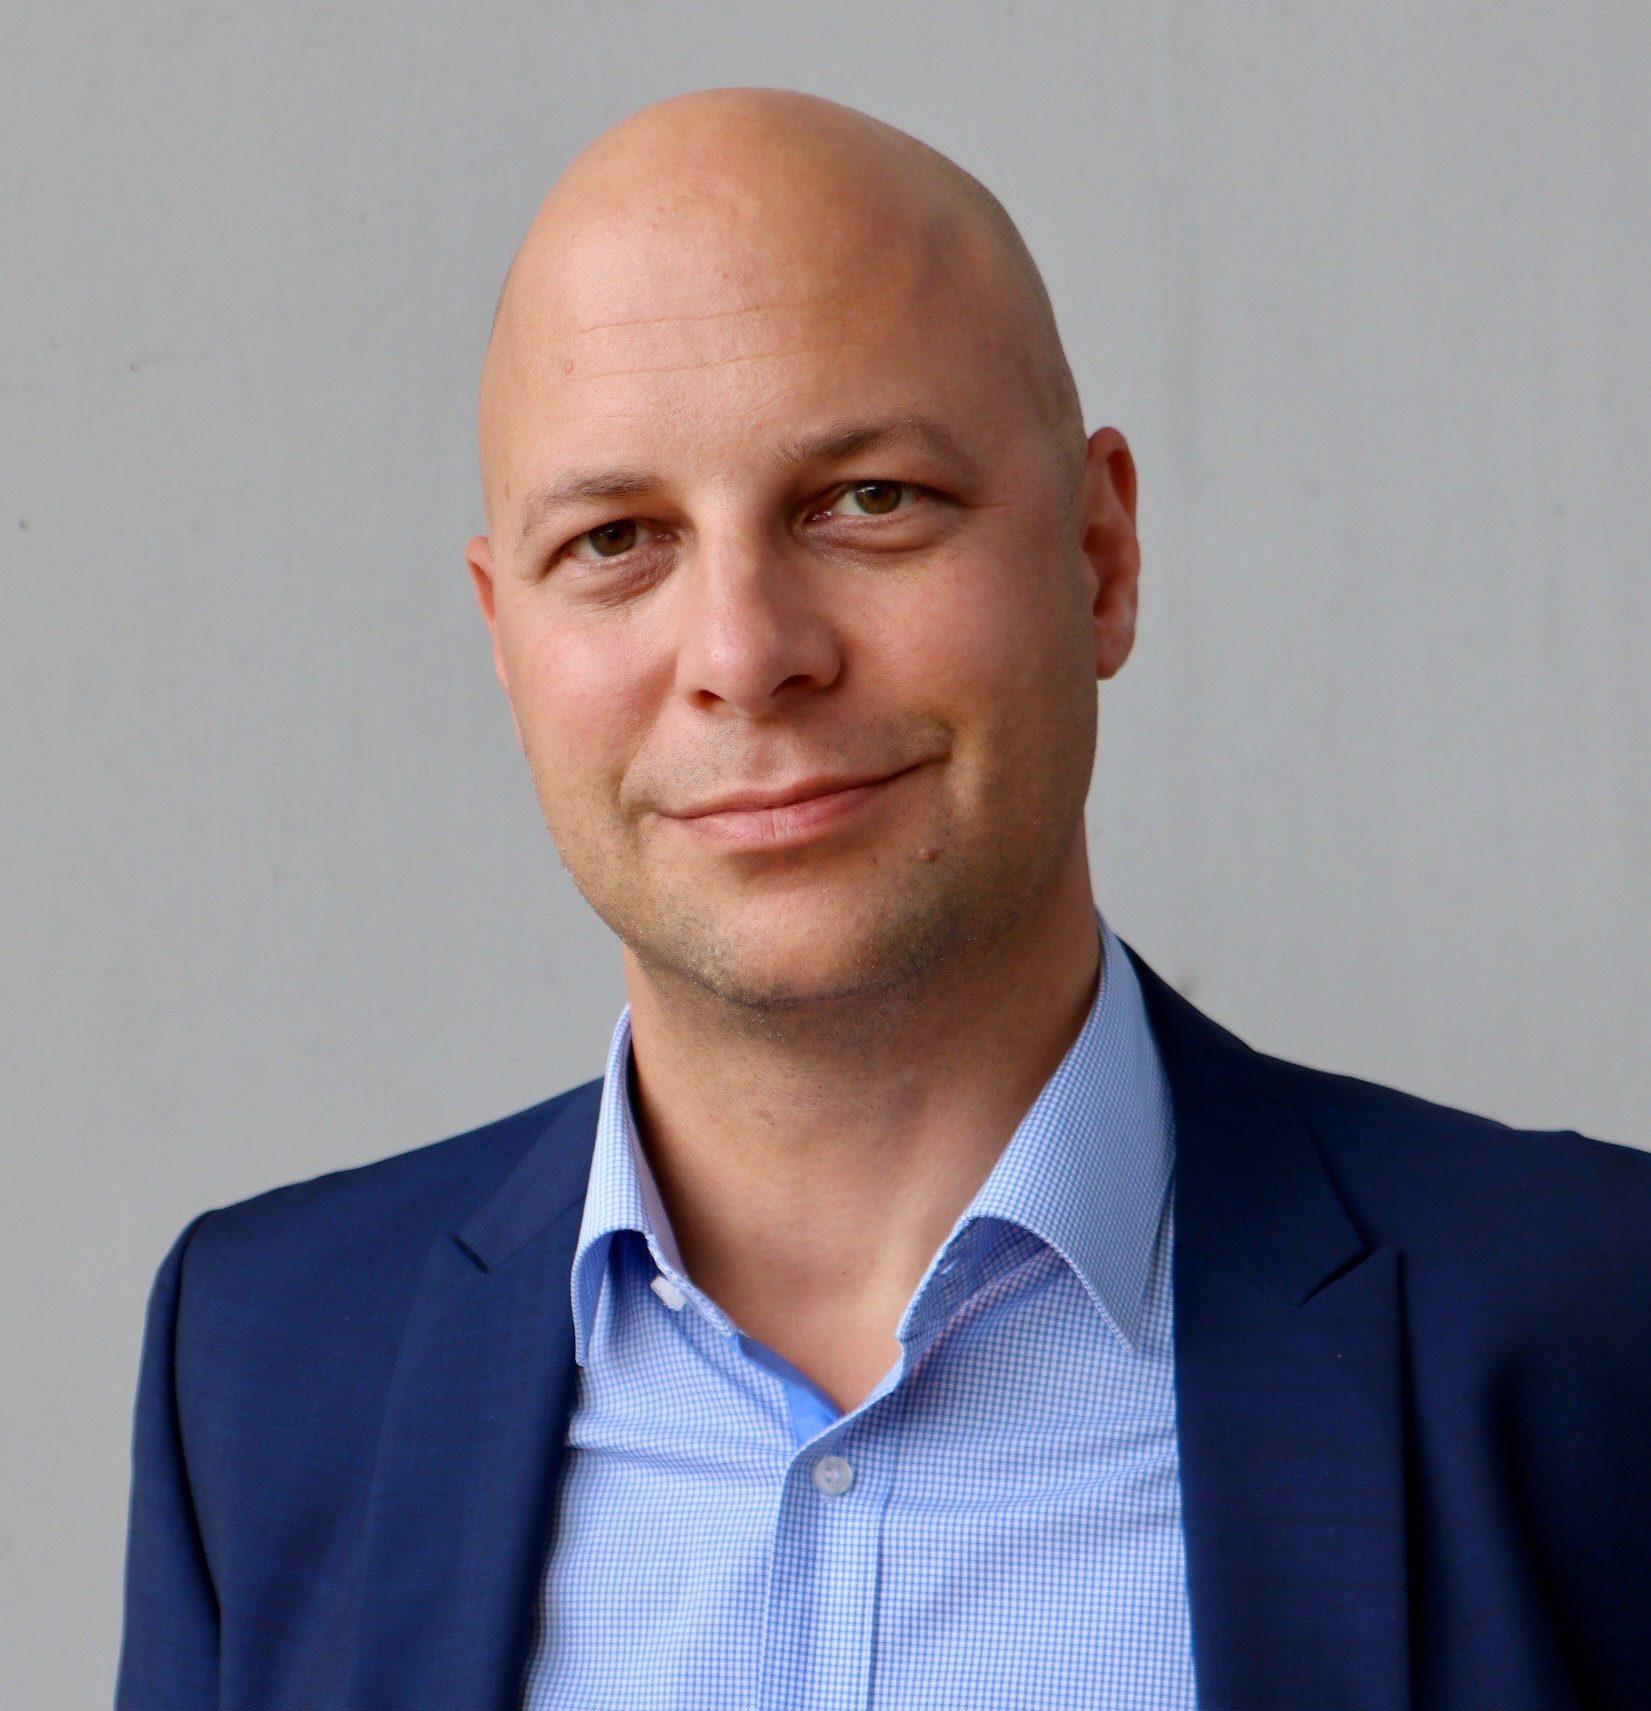 Wendel Zacheiß